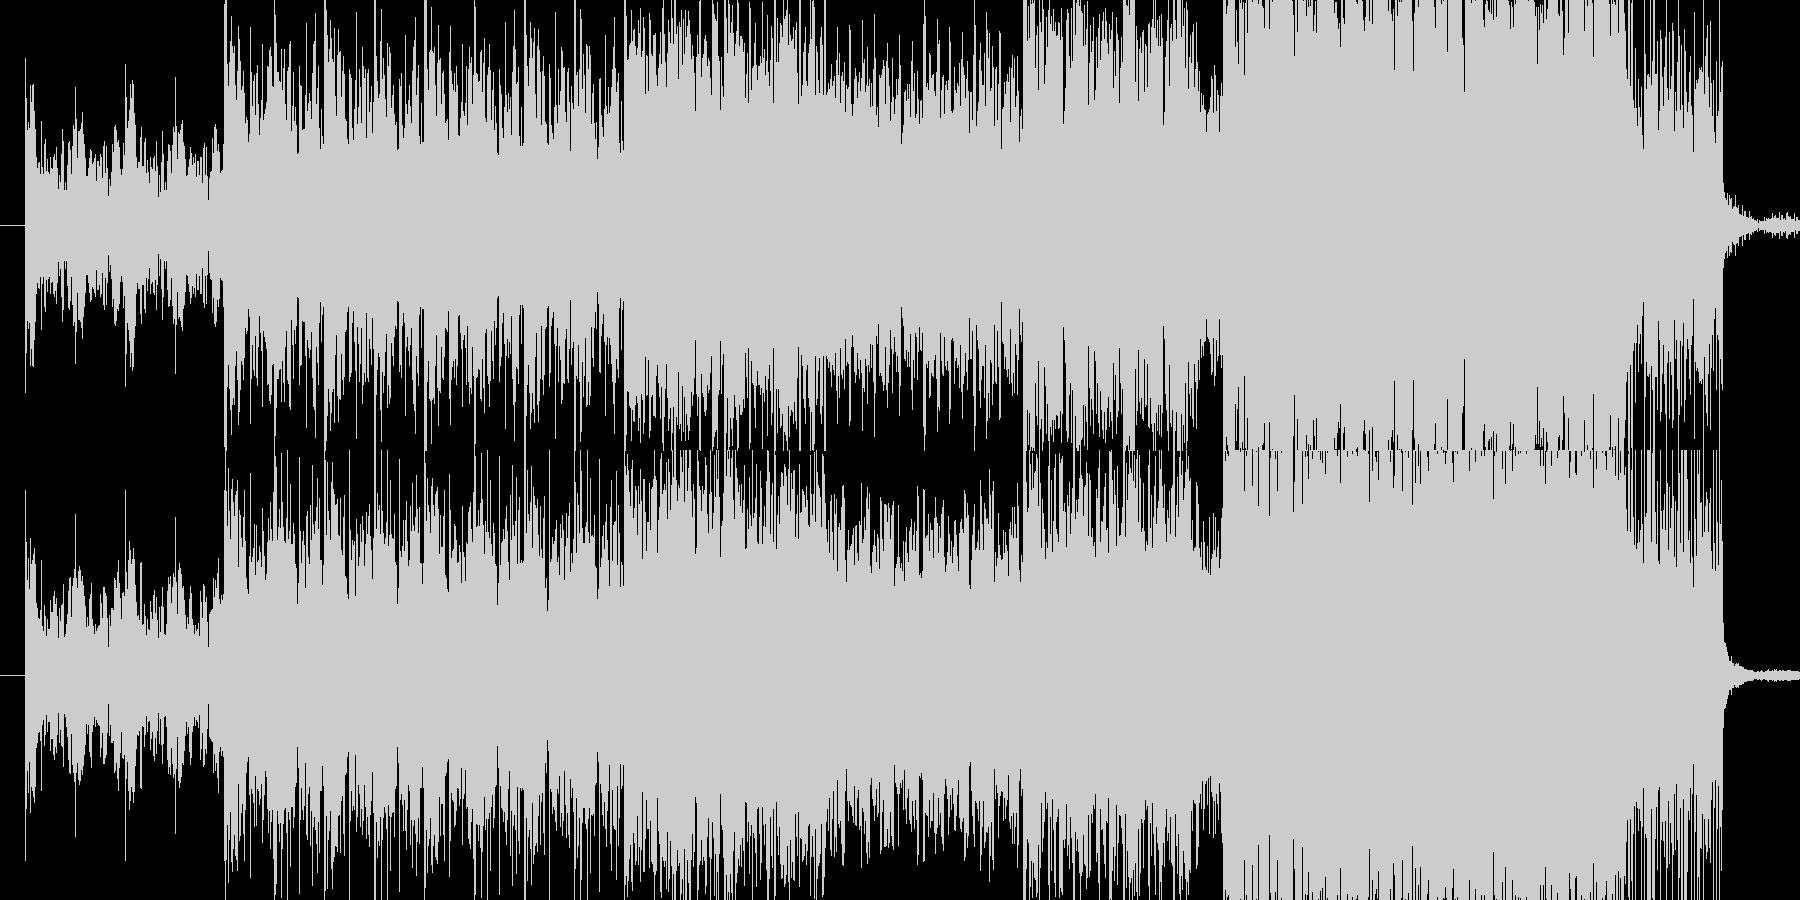 デジタルサウンドシリーズ 第5弾です。の未再生の波形